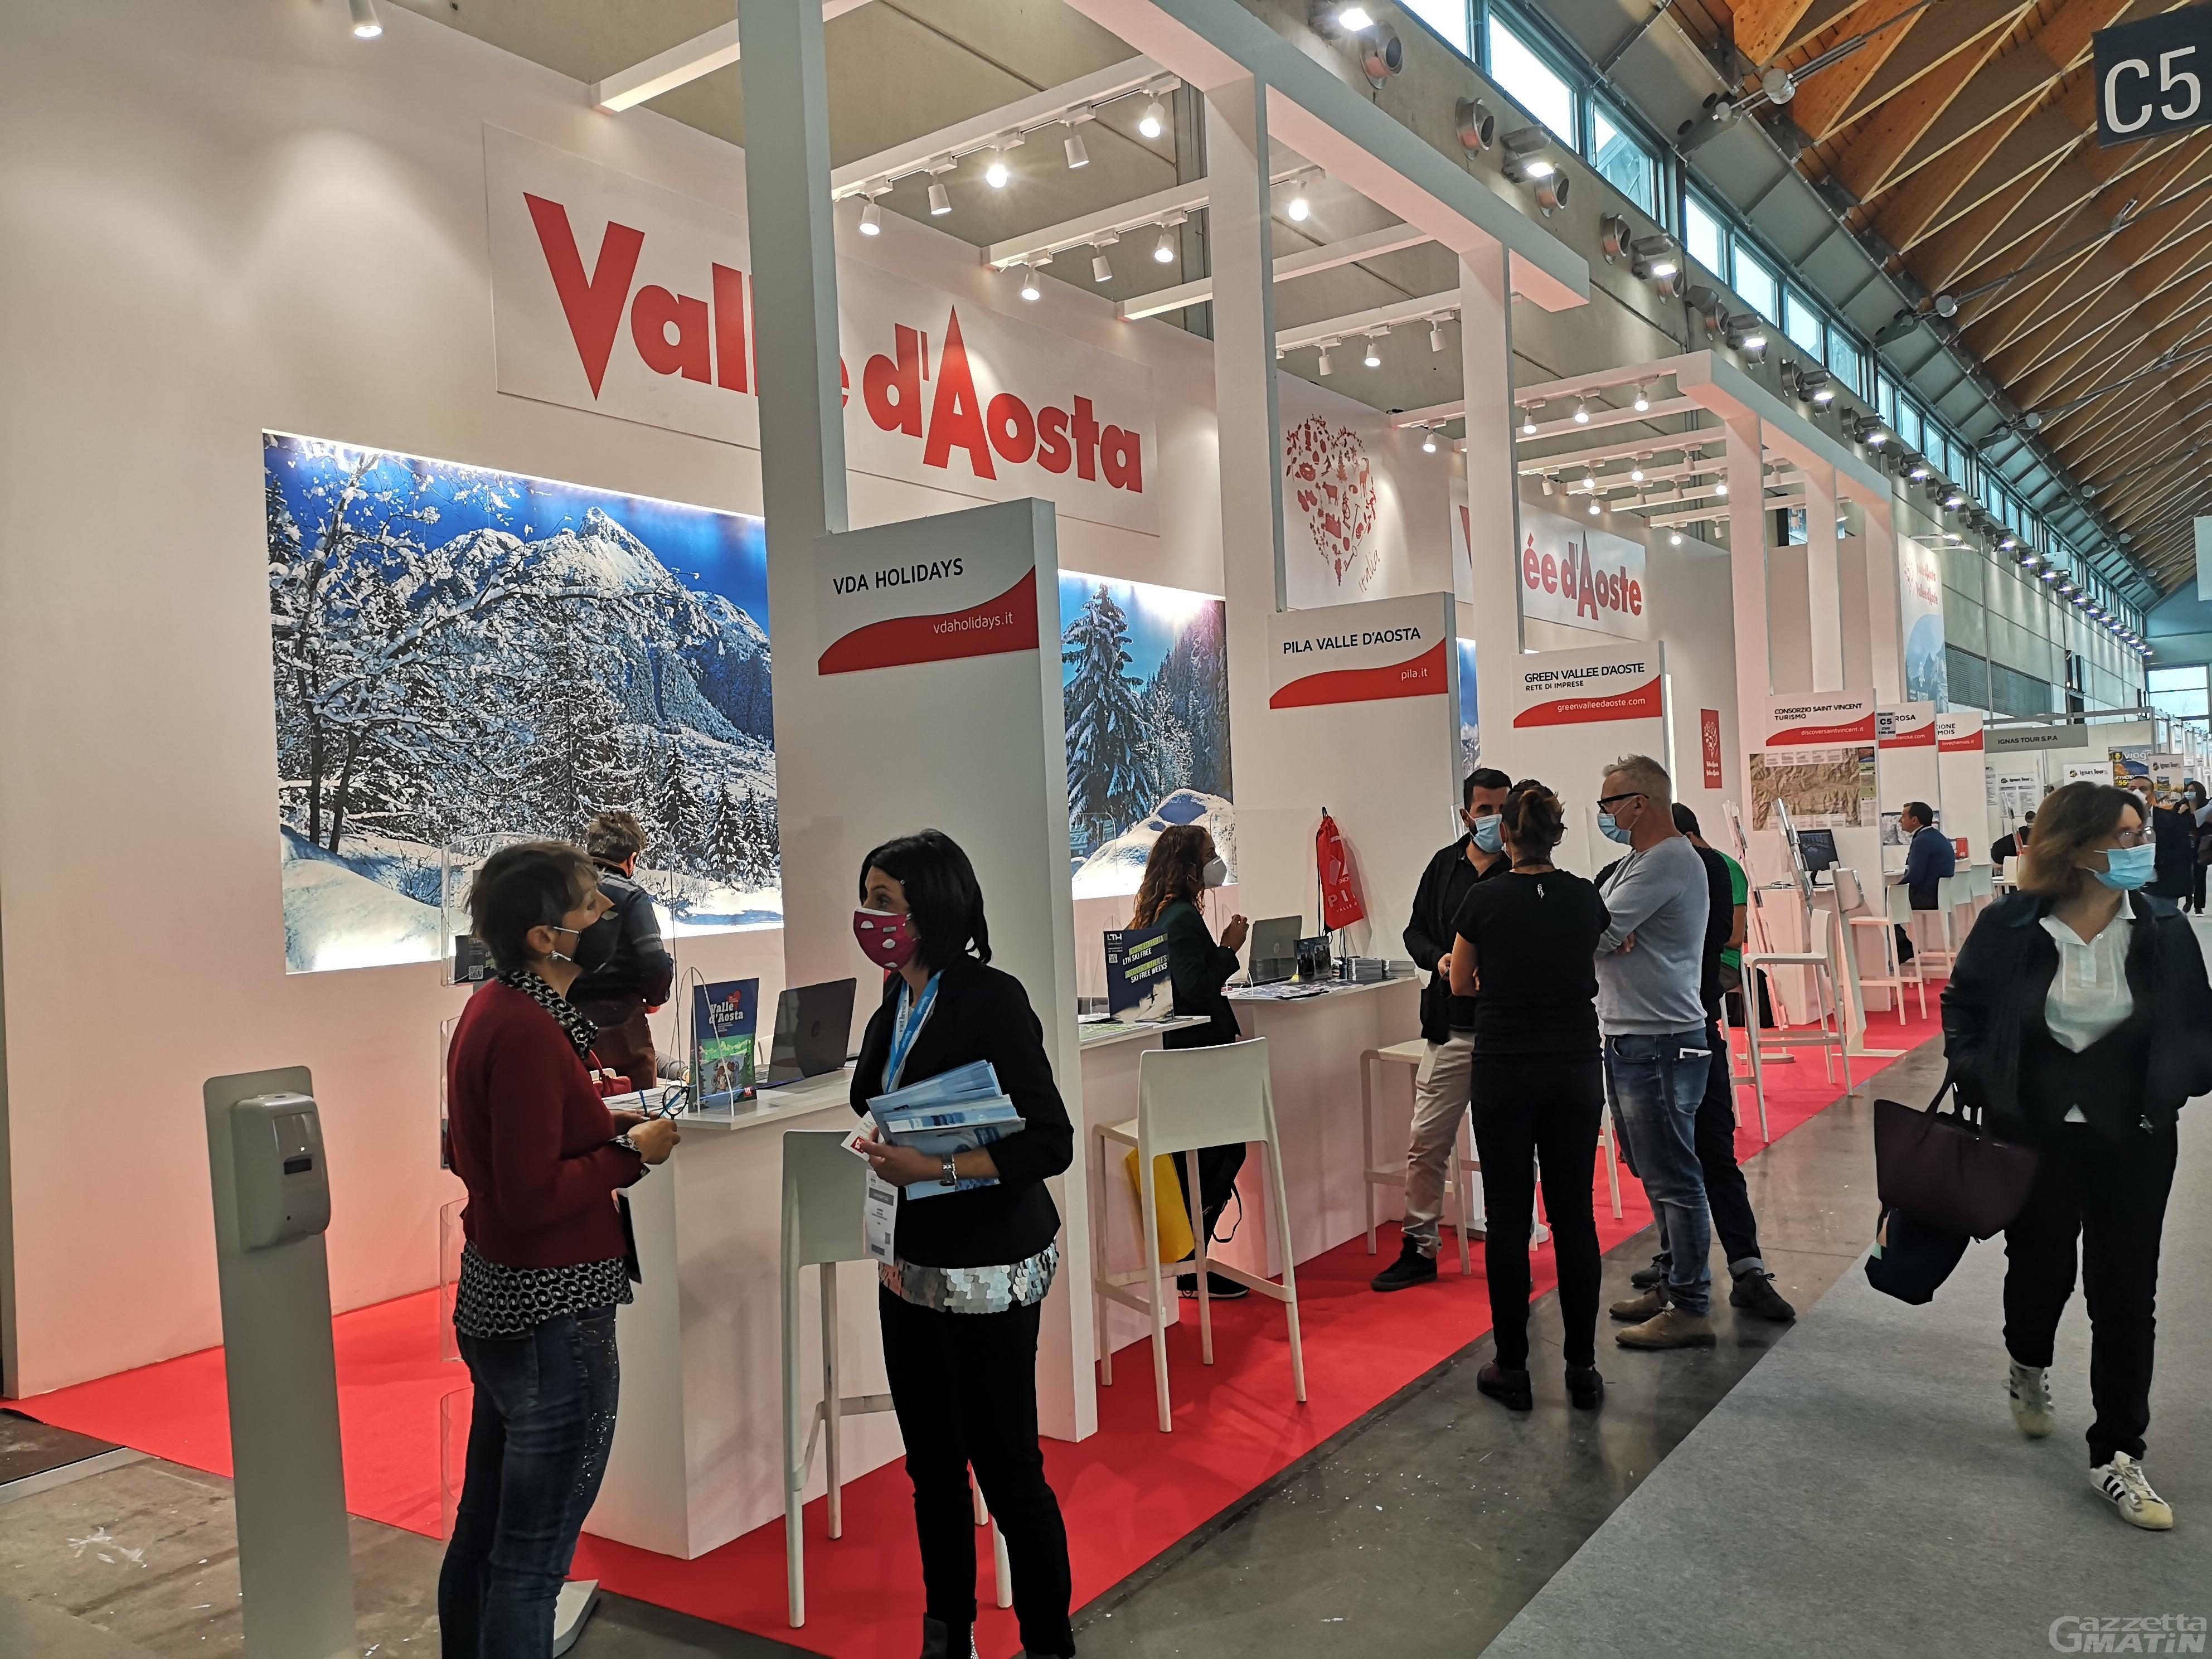 Turismo: Valle d'Aosta regione più accogliente e con la reputazione tra le più alte